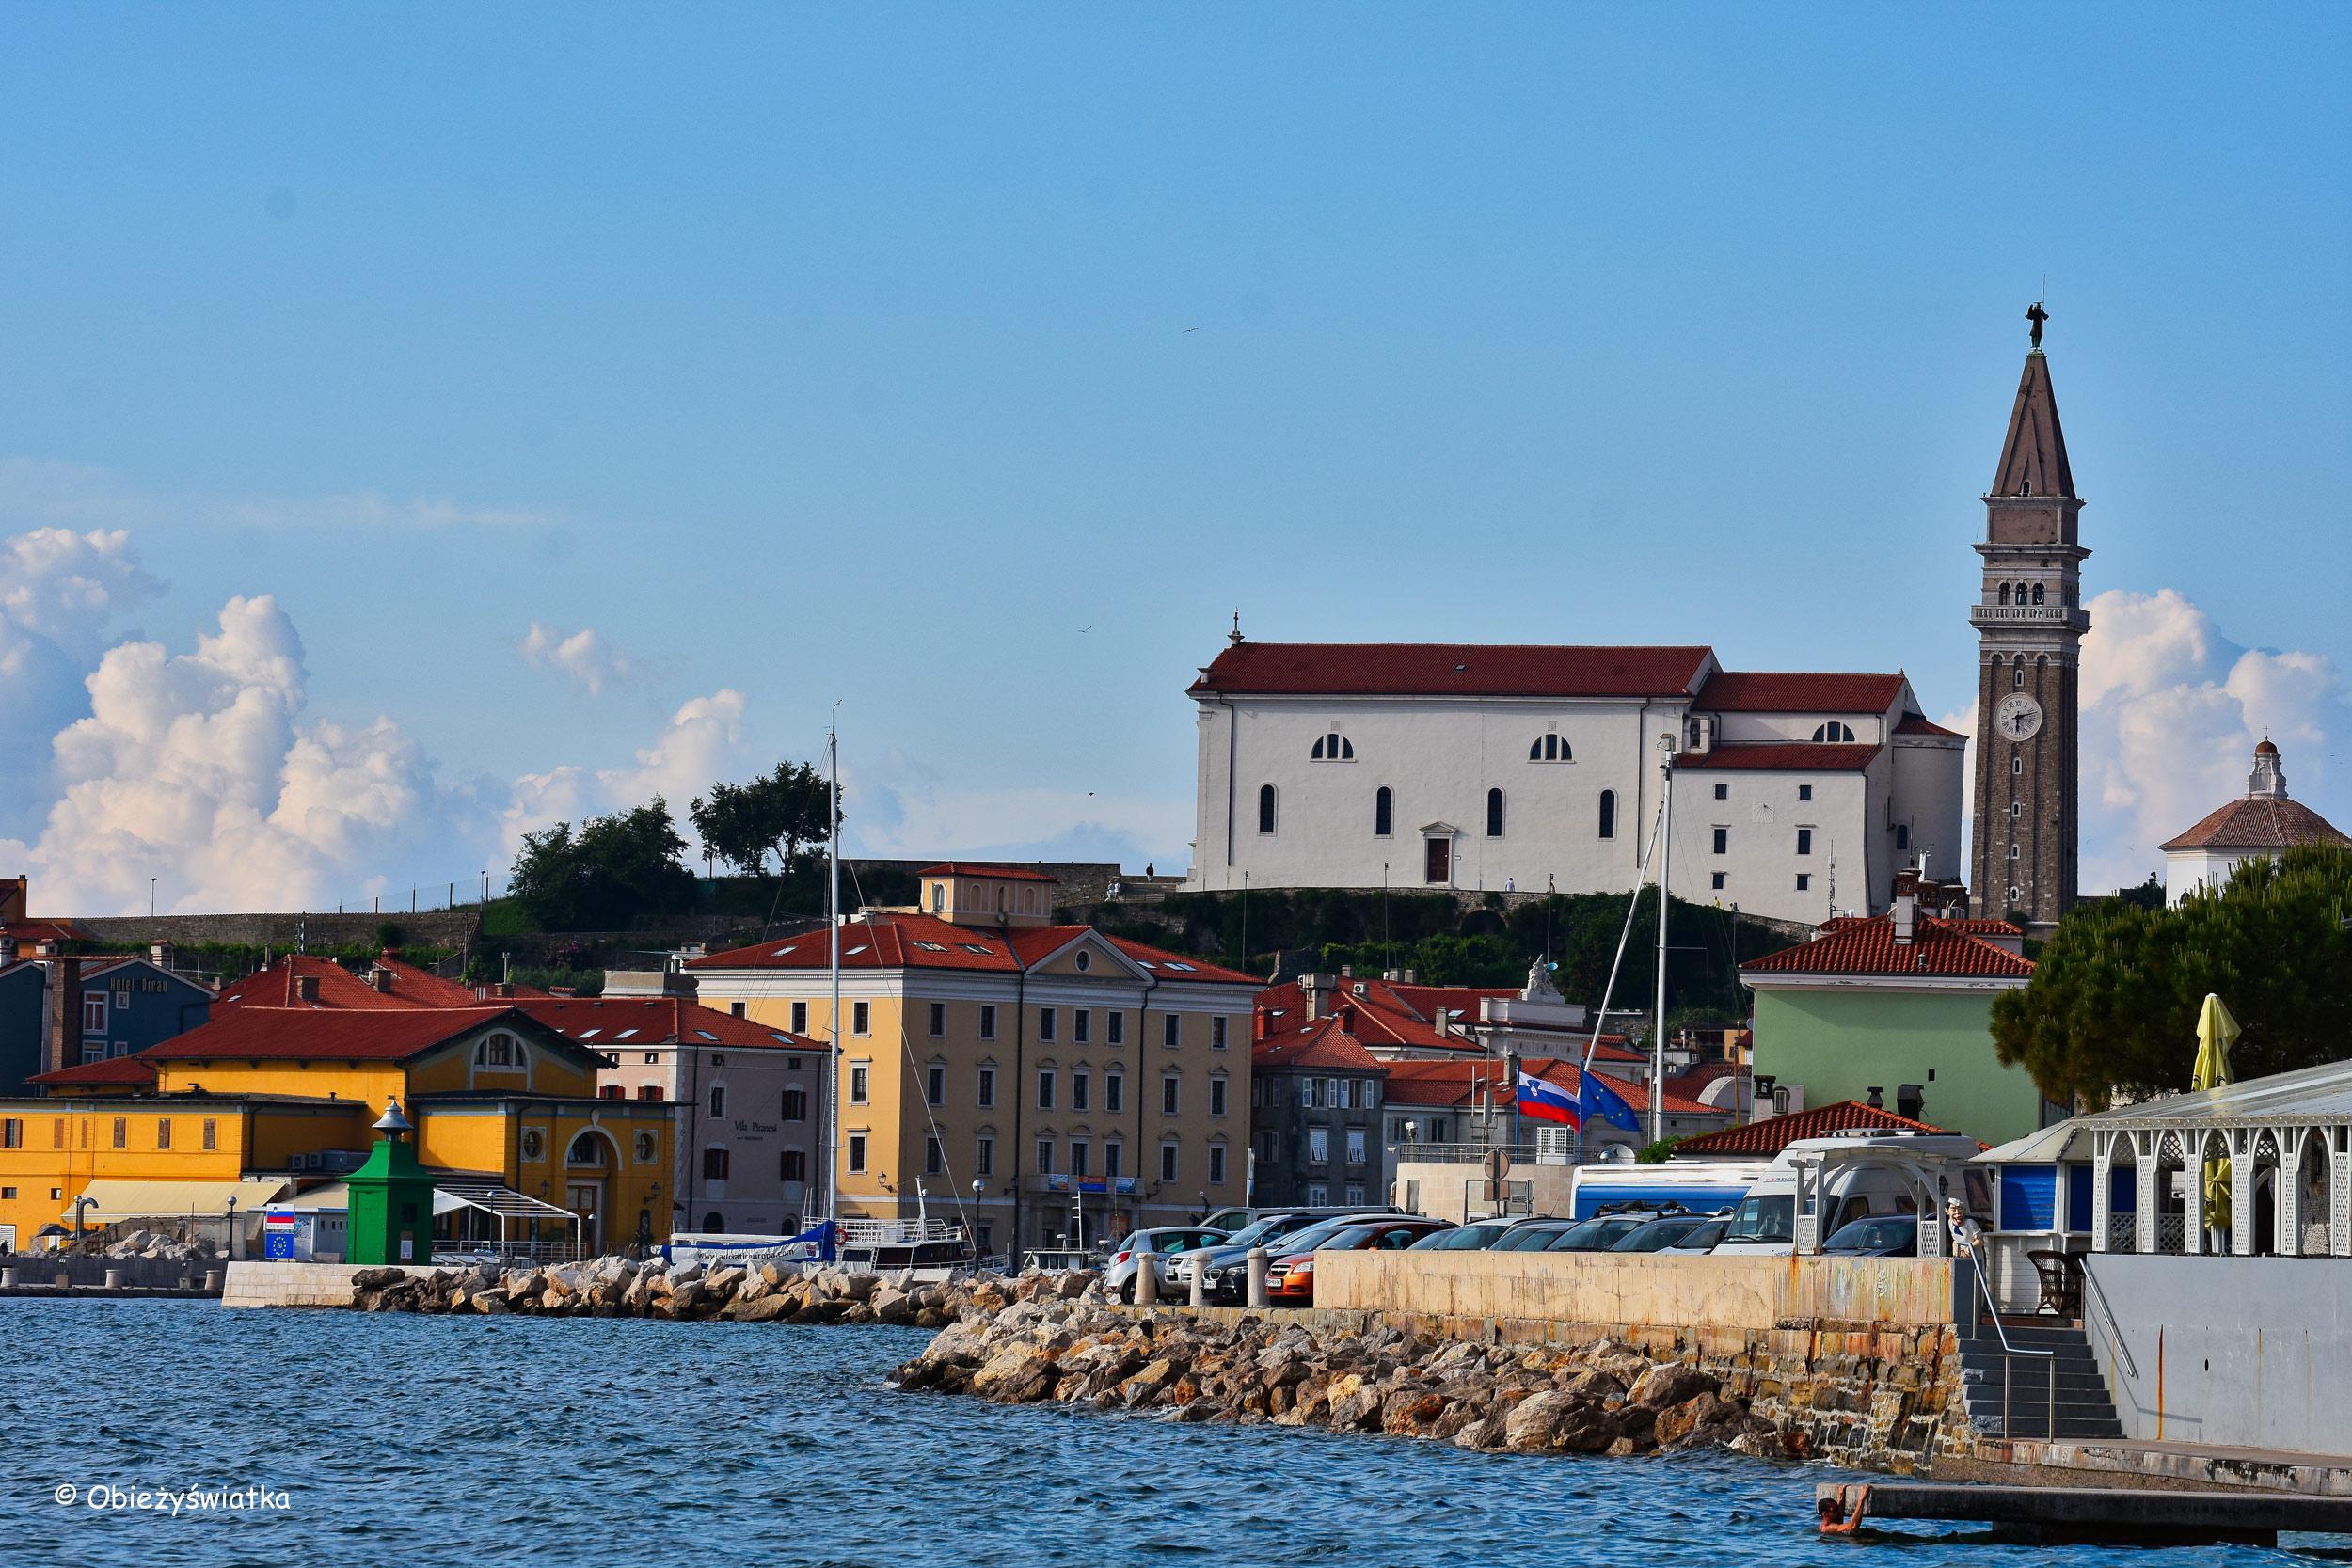 Widok na miasteczko, w tle kościół św. Jerzego z charakterystyczną kampanilą, Piran, Słowenia